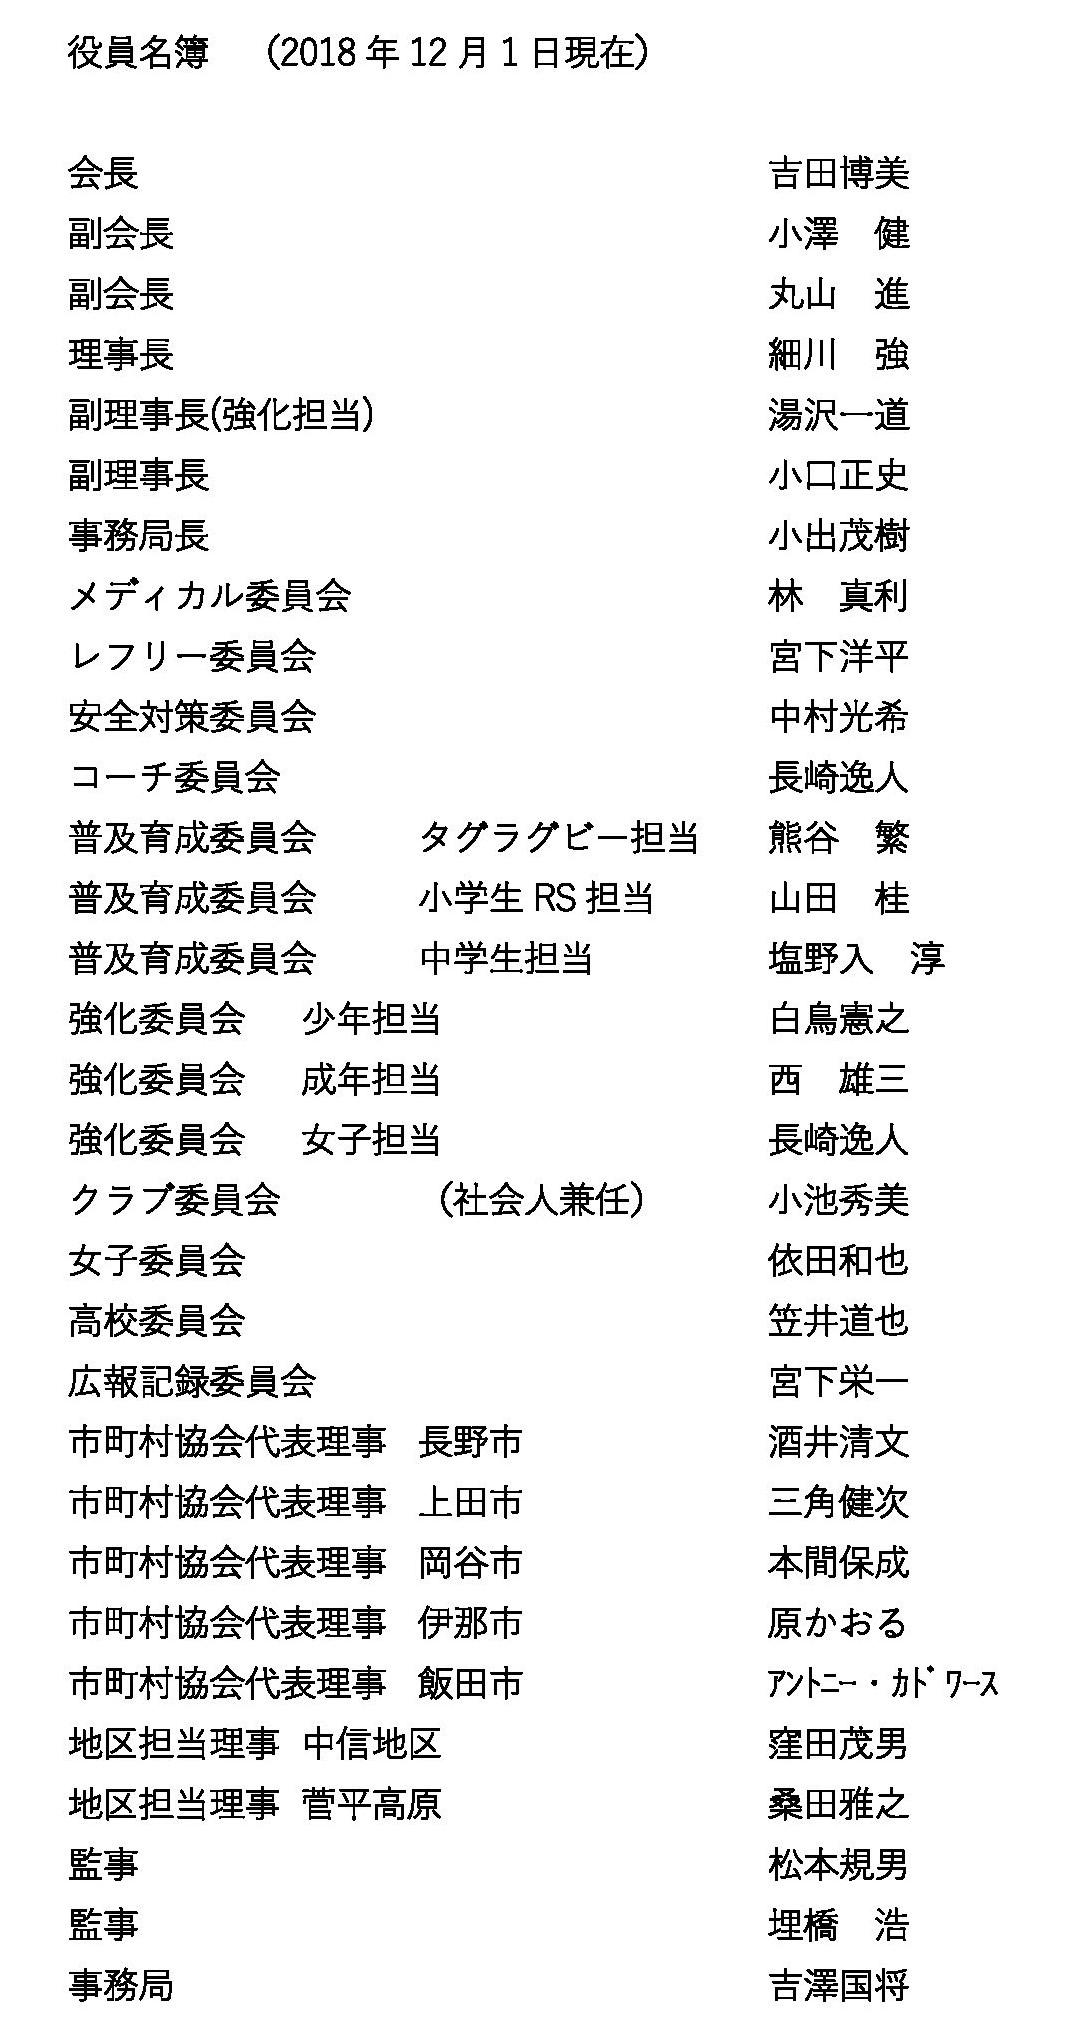 official-member-2018.jpg